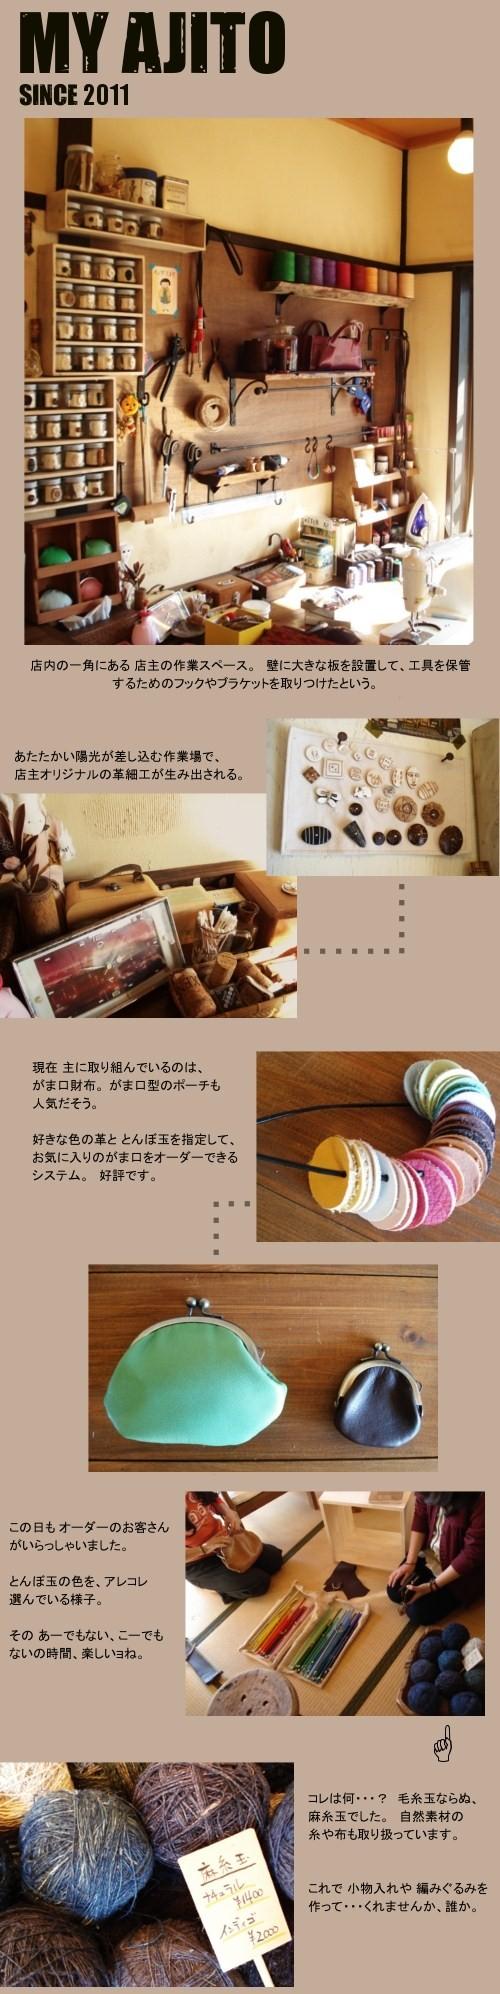 tsuba3.jpg